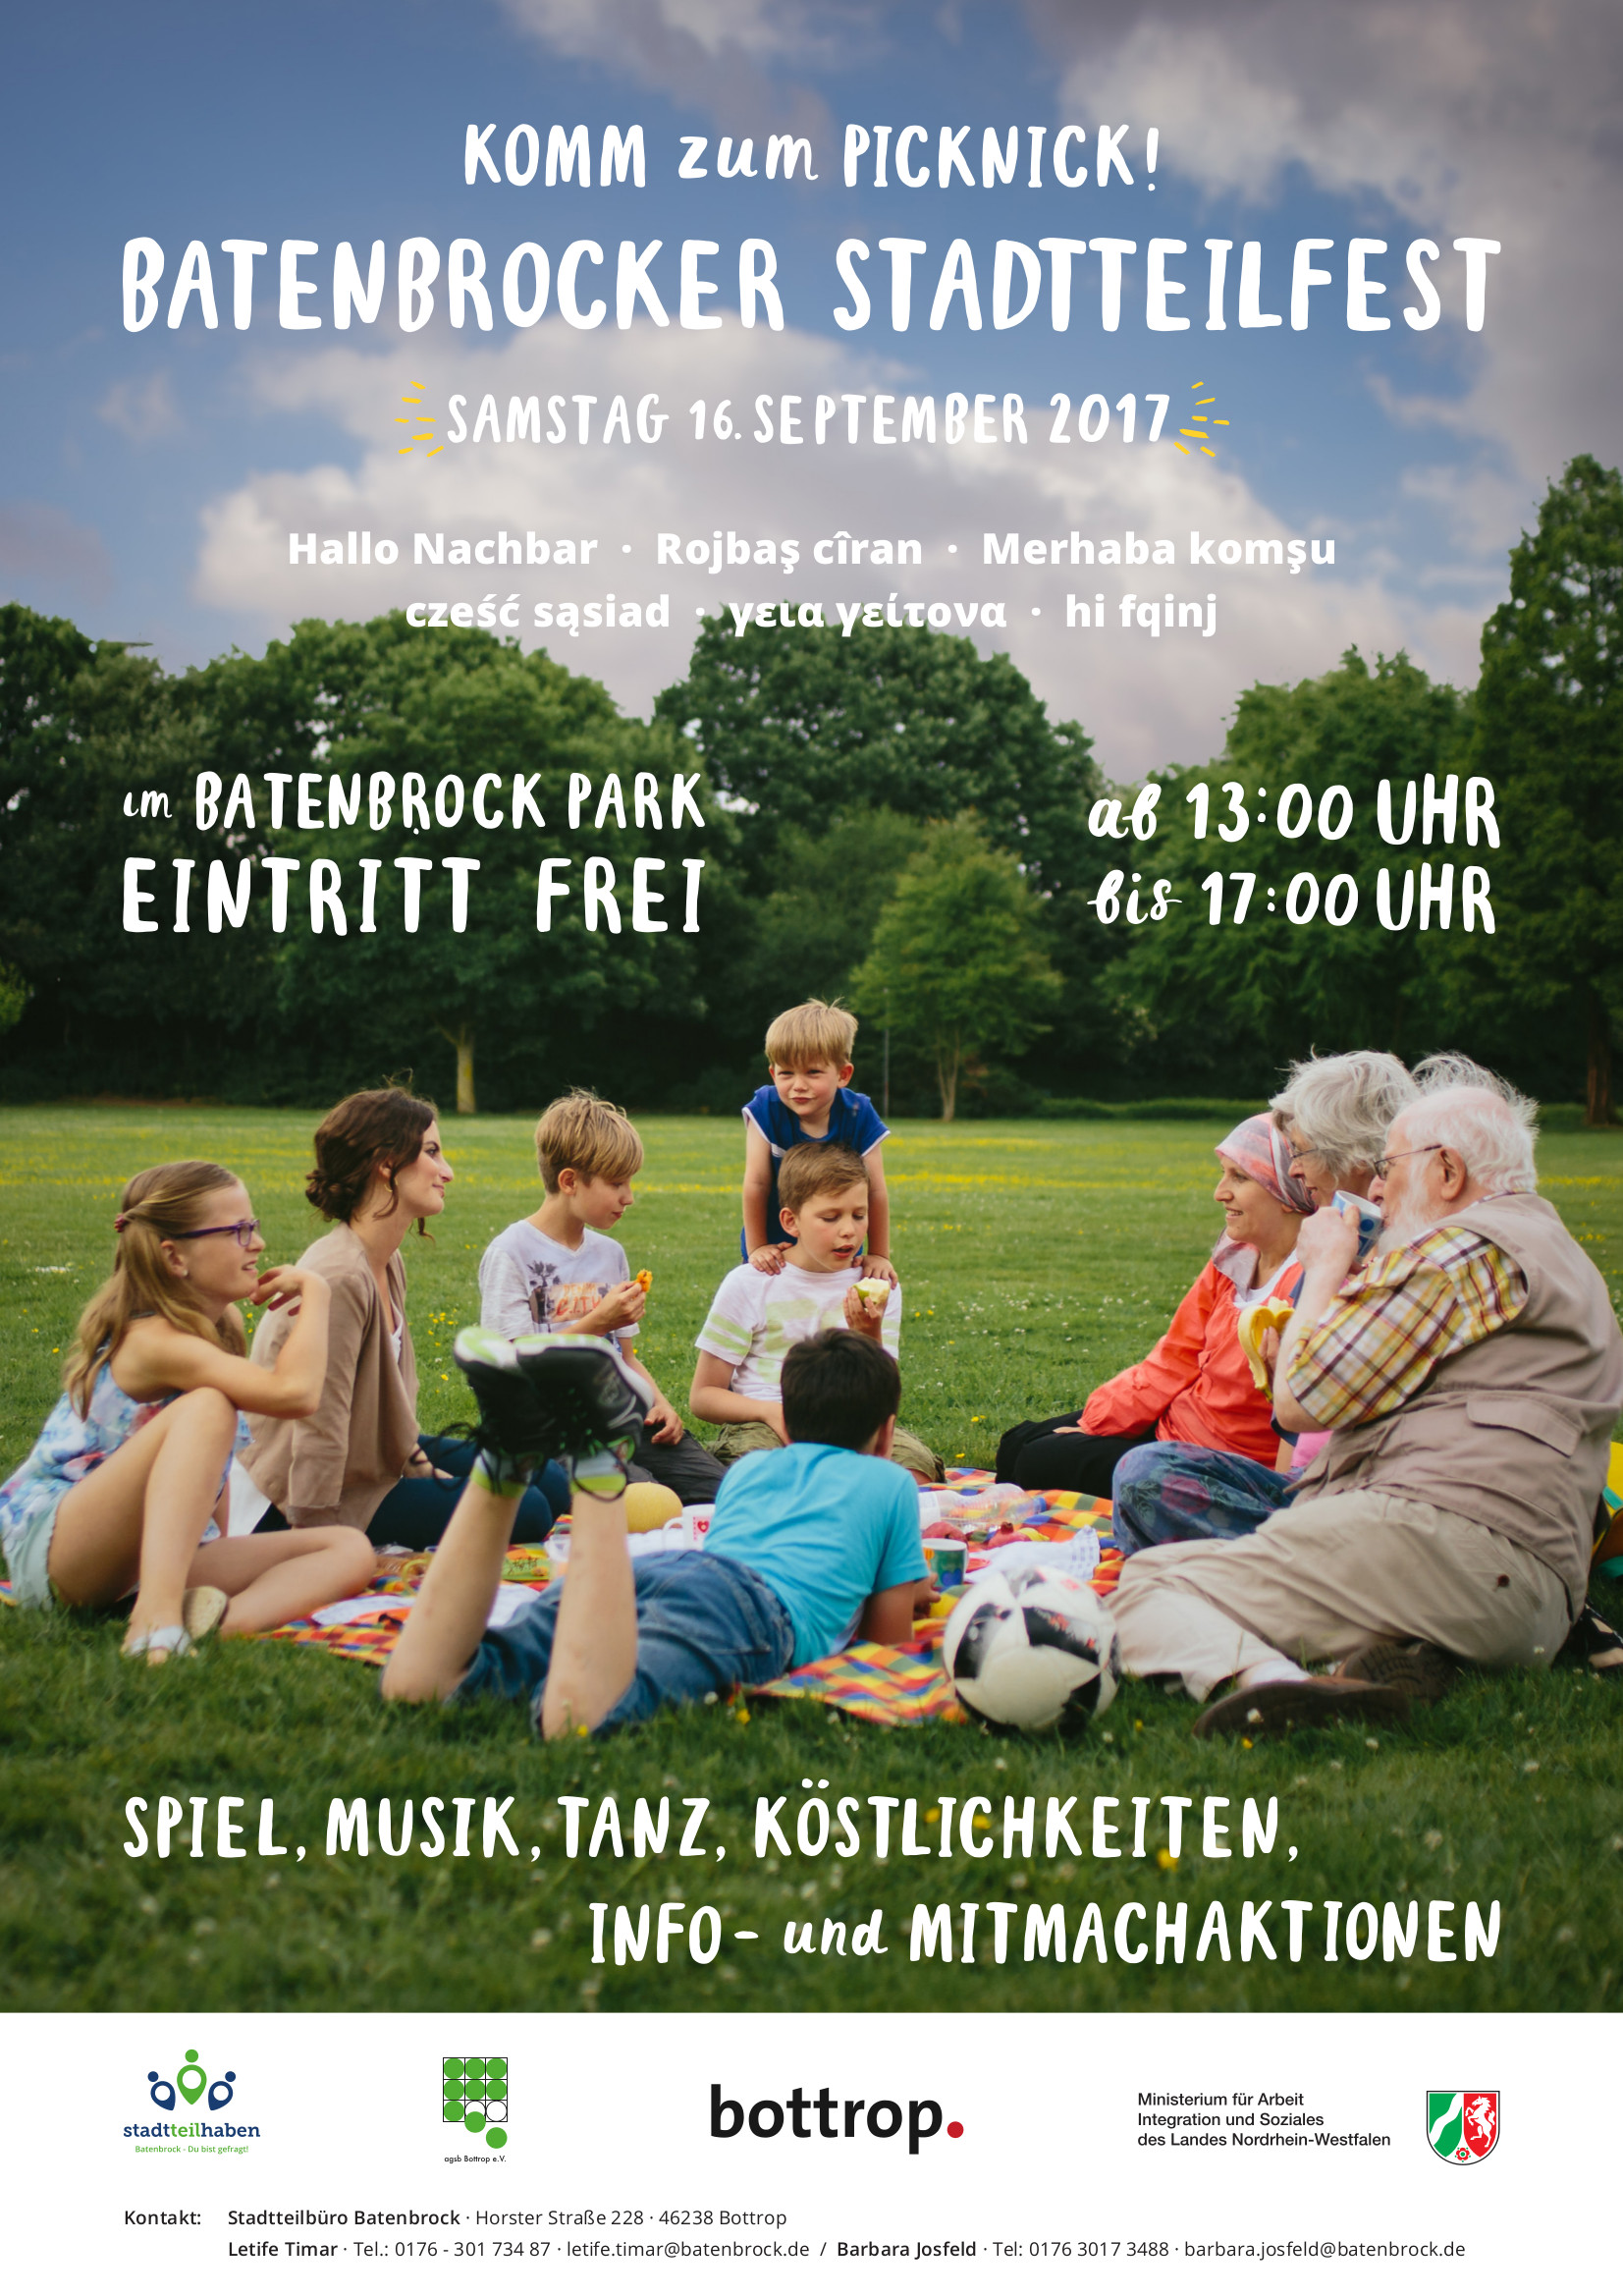 1700725_Batenbrock_Poster-Picknick_v04